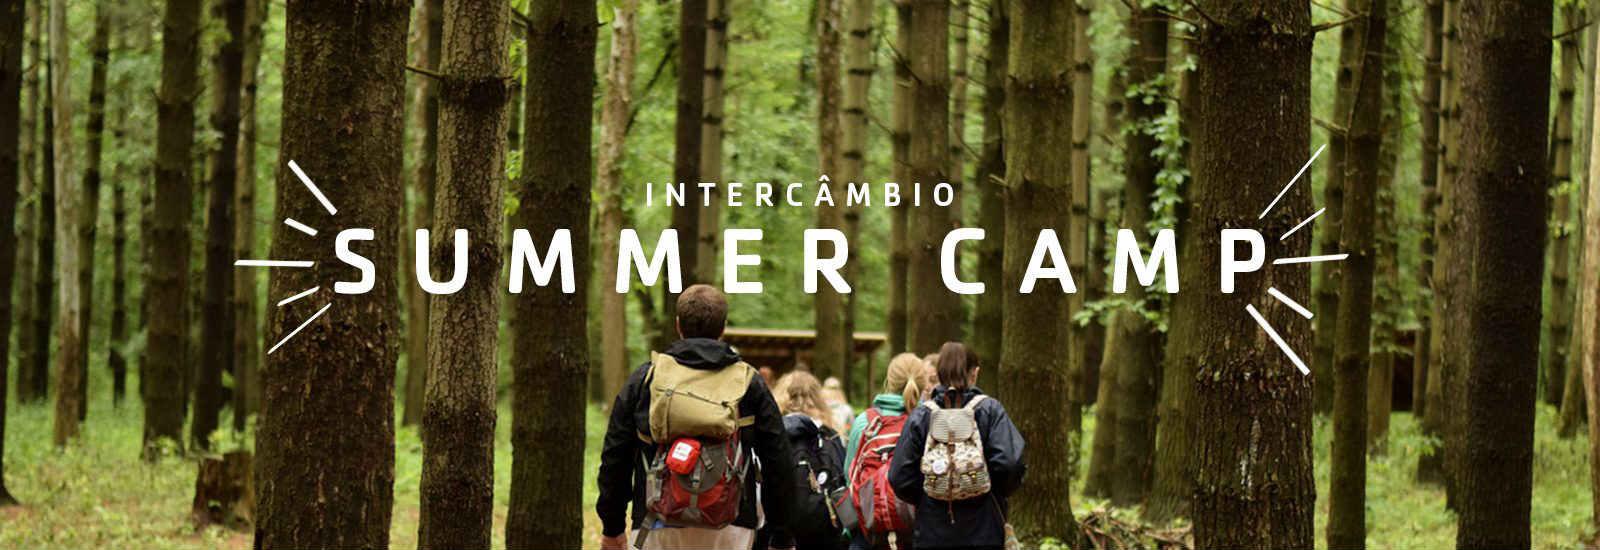 banner natureza esportes summer camp intercambio USA acampamento verao viagens jovens Belo horizonte ed - High School